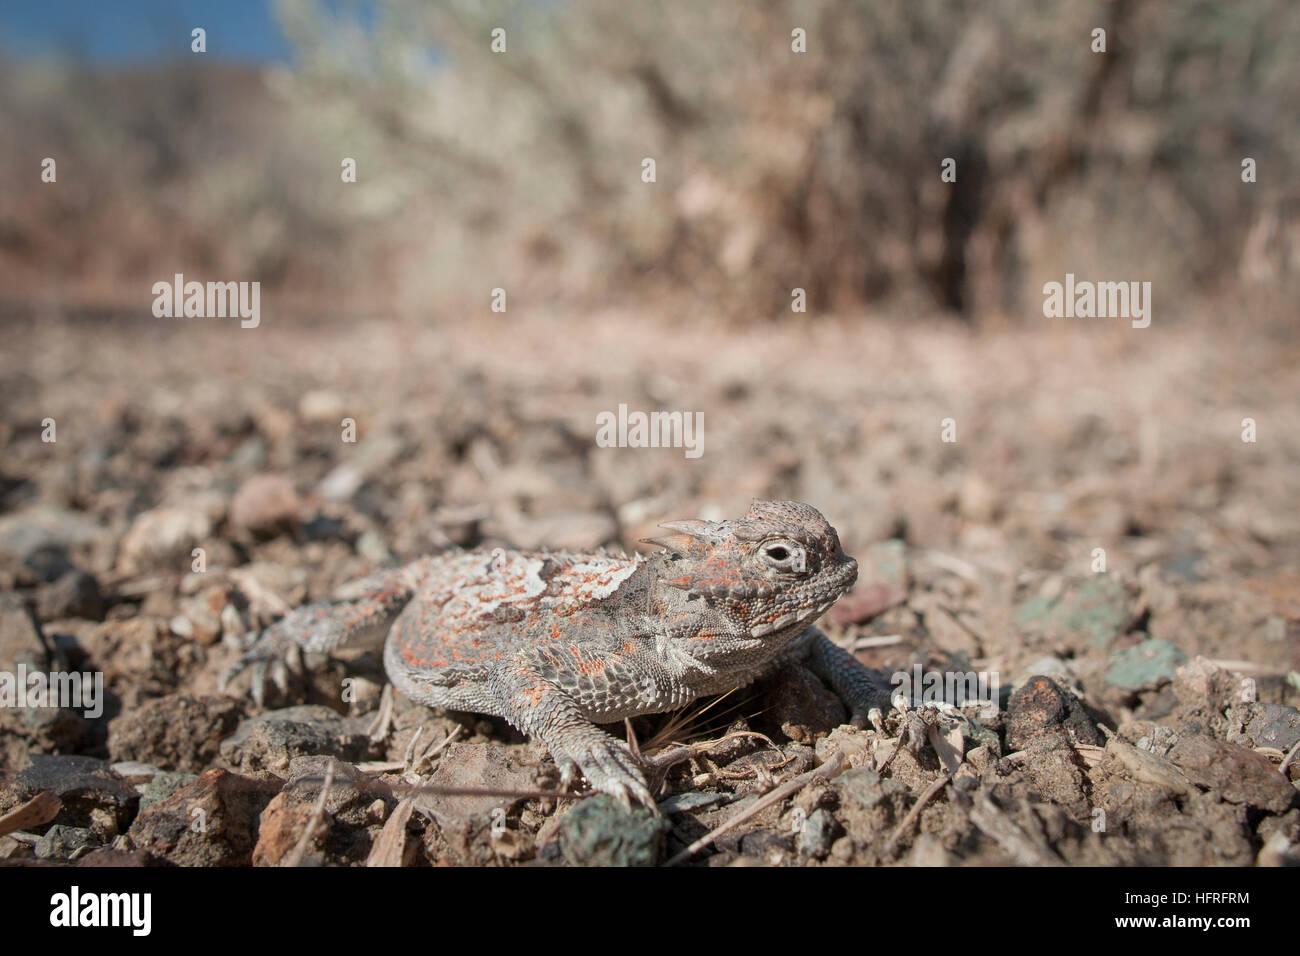 Un deserto criptico cornuto lizard (Phrynosoma platyrhinos) accovacciato sul terreno. Immagini Stock